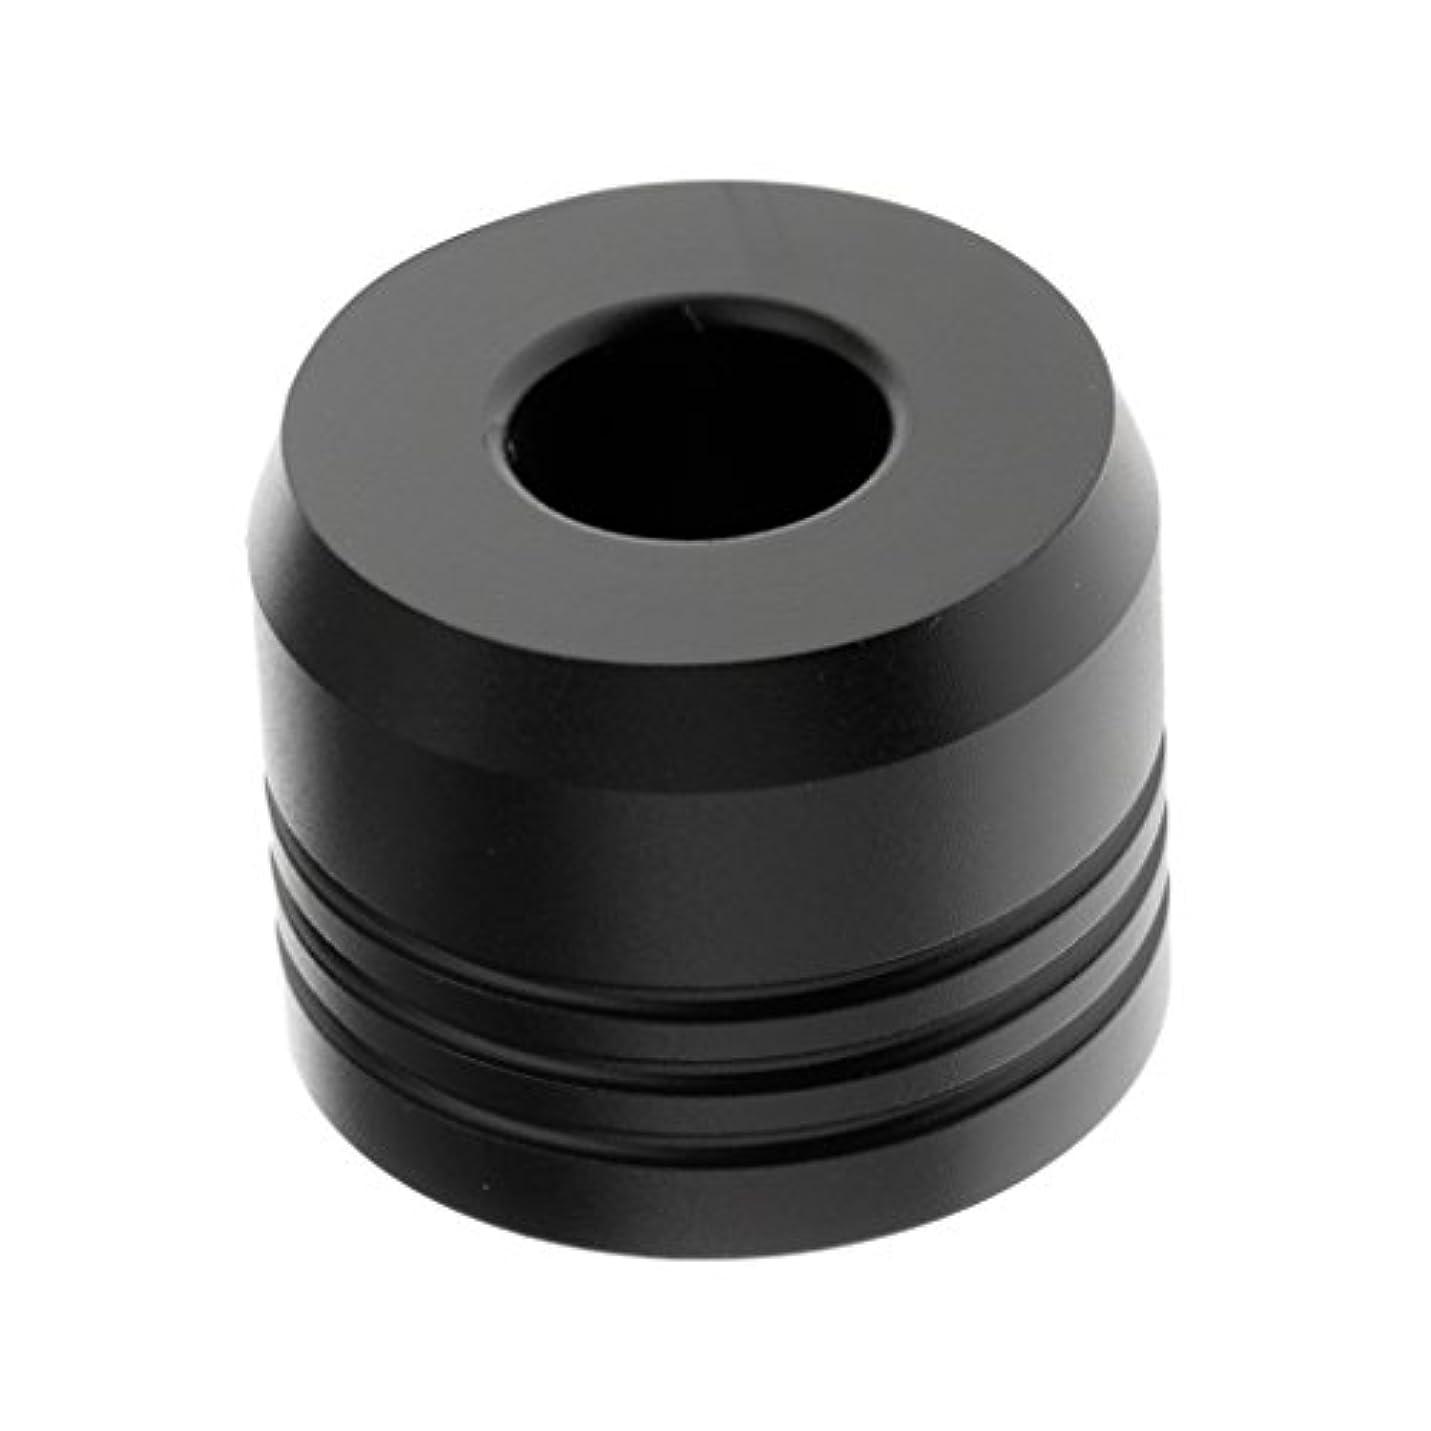 Kesoto セーフティカミソリスタンド スタンド メンズ シェービング カミソリホルダー サポート 調節可能 シェーバーベース 2色選べ   - ブラック